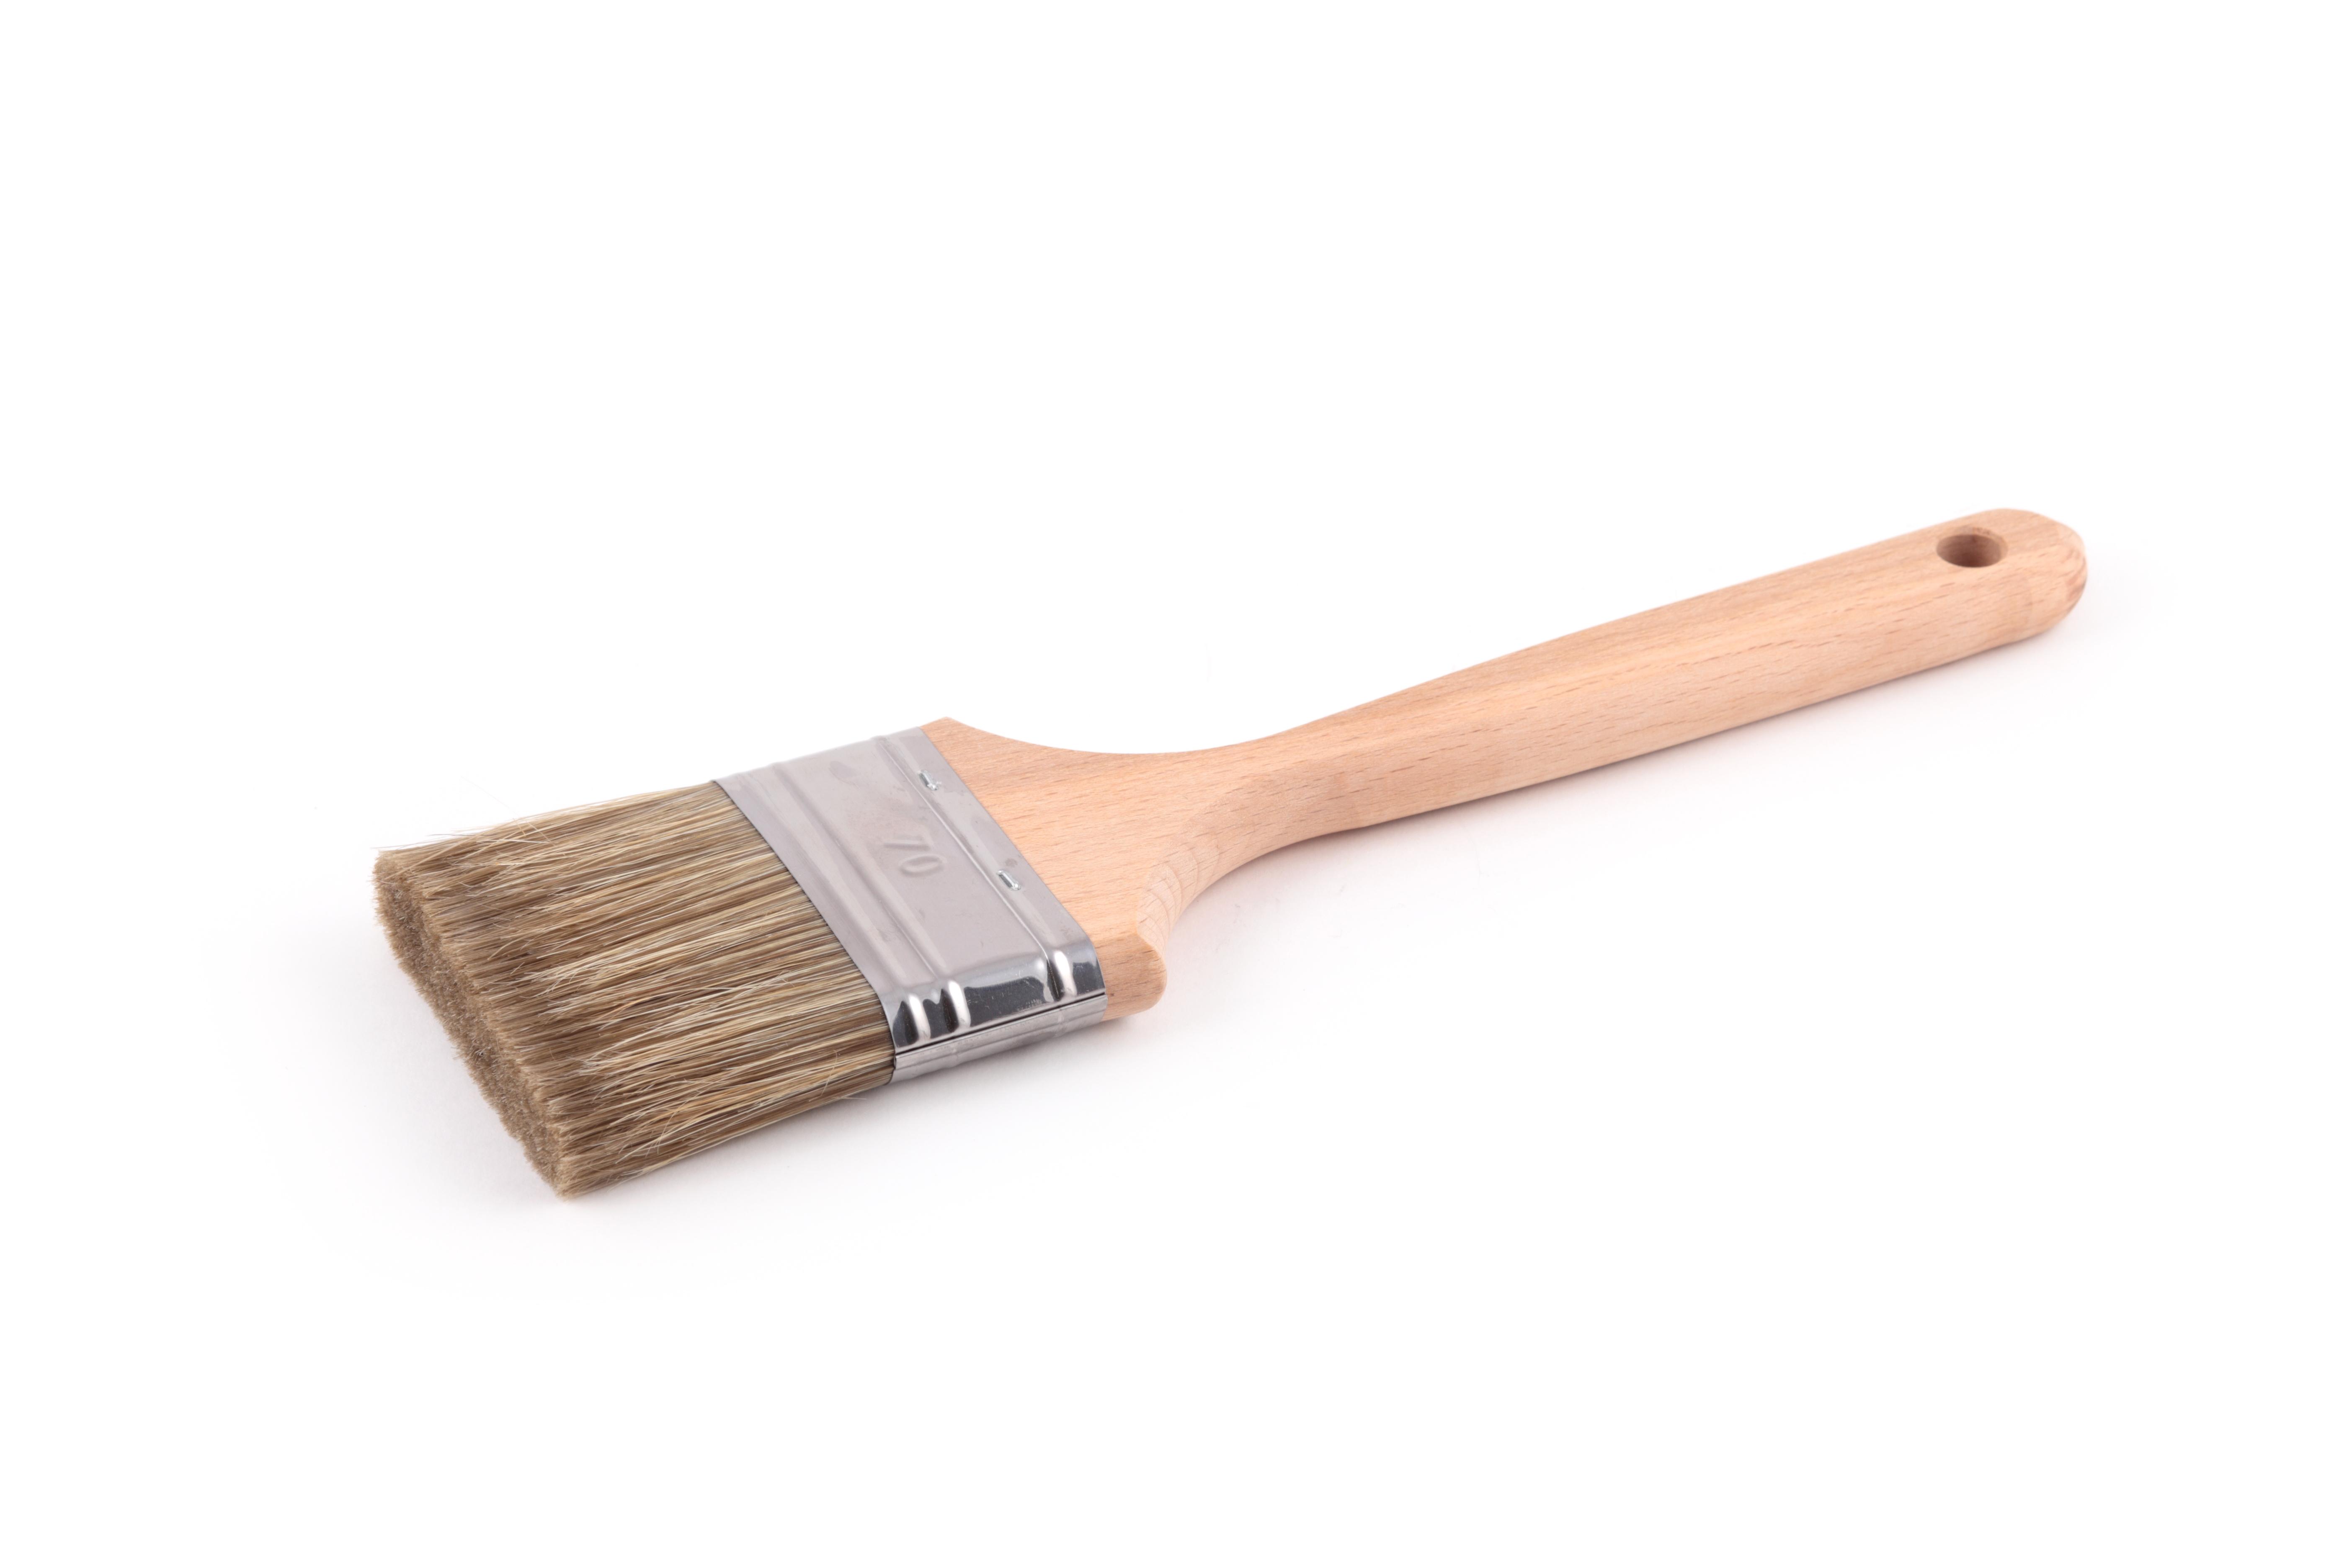 Кисть флейцевая ЛАЗУРНЫЙ БЕРЕГ КФ 100х14 дер. ручка кисть плоская лазурный берег 25 мм искусственная щетина orel деревянная ручка